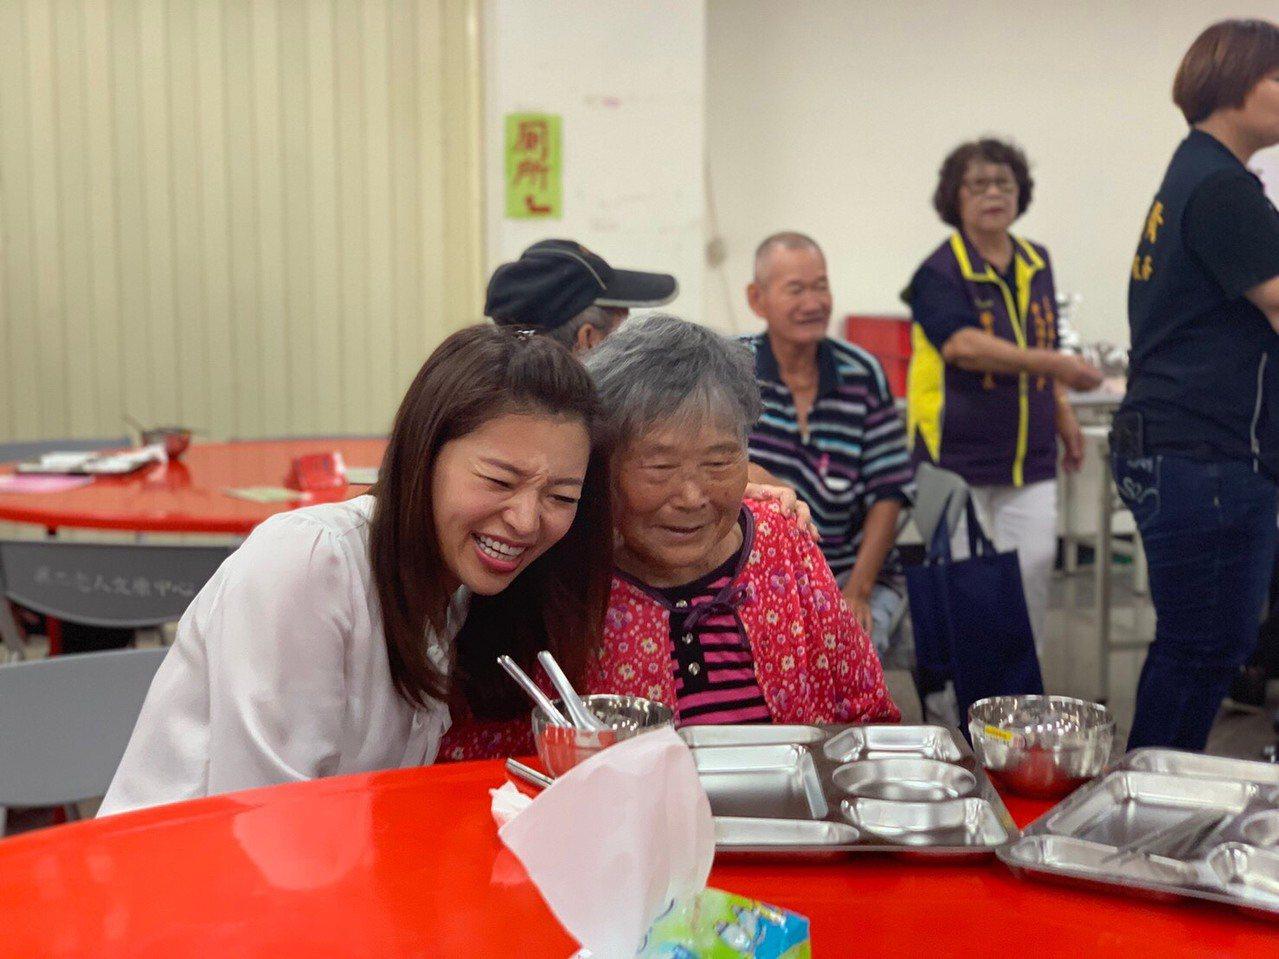 雲林馬光長青食堂揭幕,青埔教育基金會董事長張嘉郡和老人互動愉悅。圖/張嘉郡提供